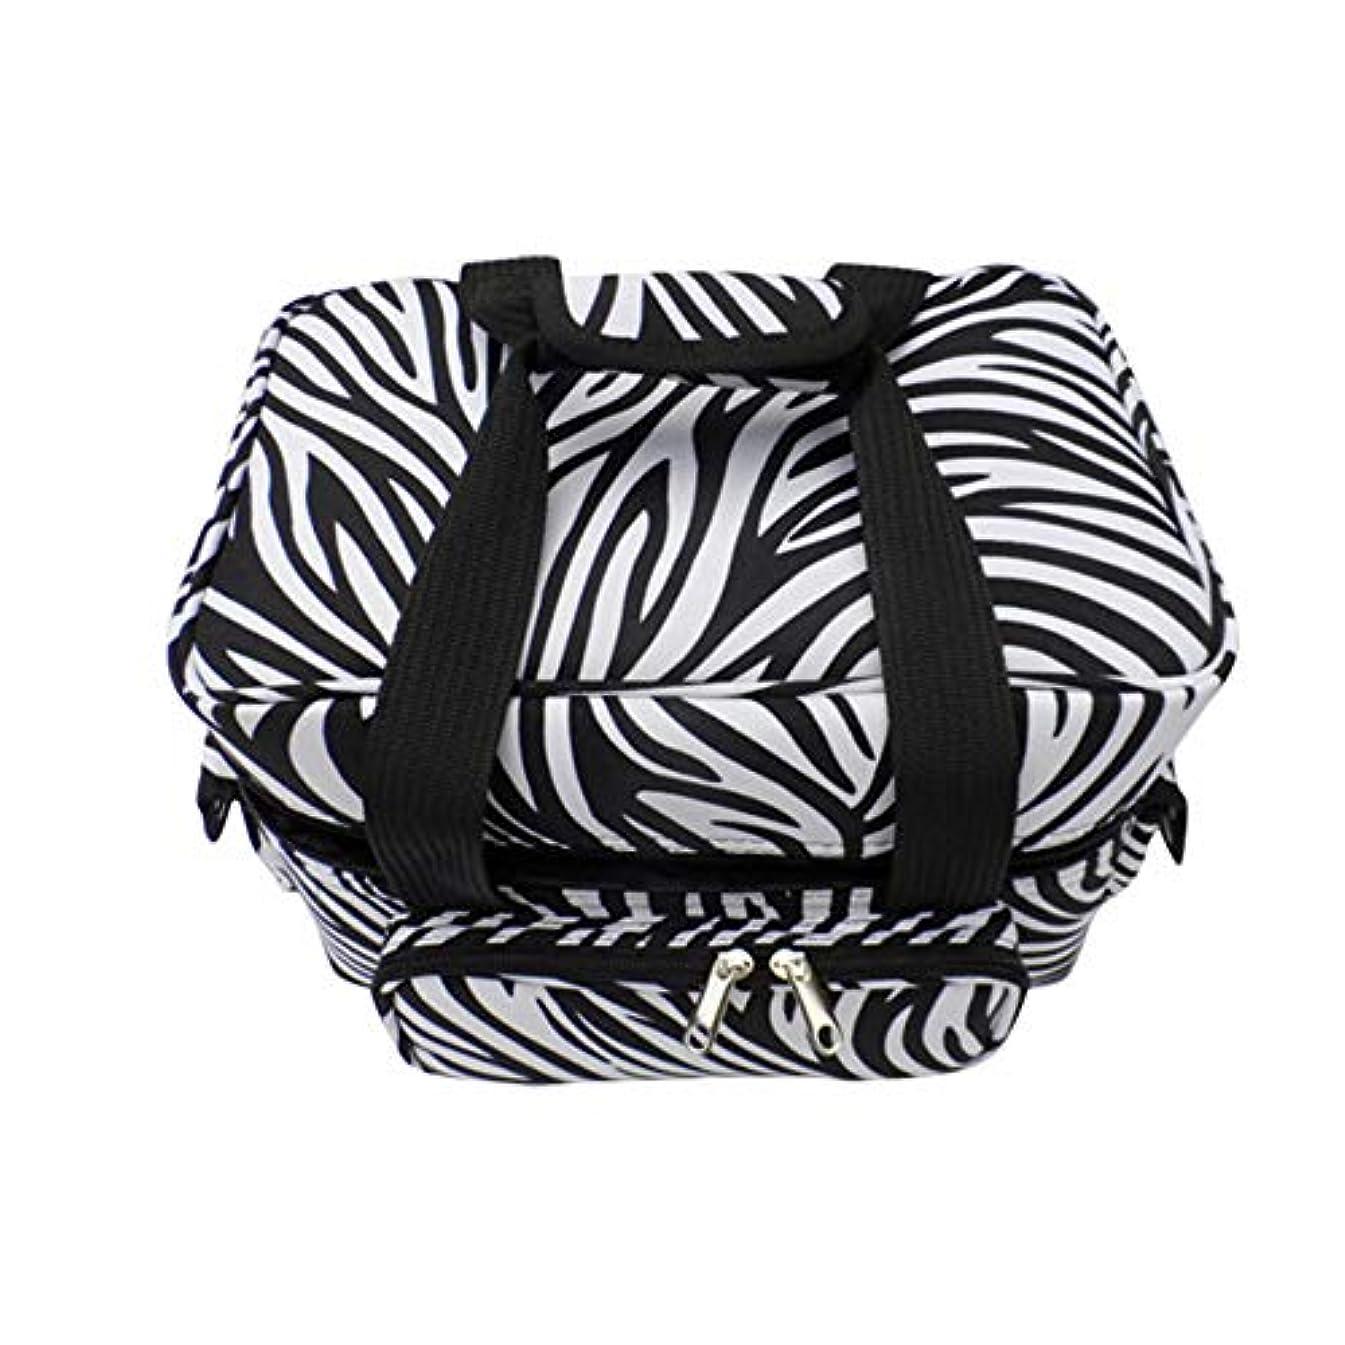 家苦痛化粧オーガナイザーバッグ ゼブラストライプポータブル化粧品バッグ美容メイクアップと女の子女性旅行とジッパーとトレイで毎日のストレージ 化粧品ケース